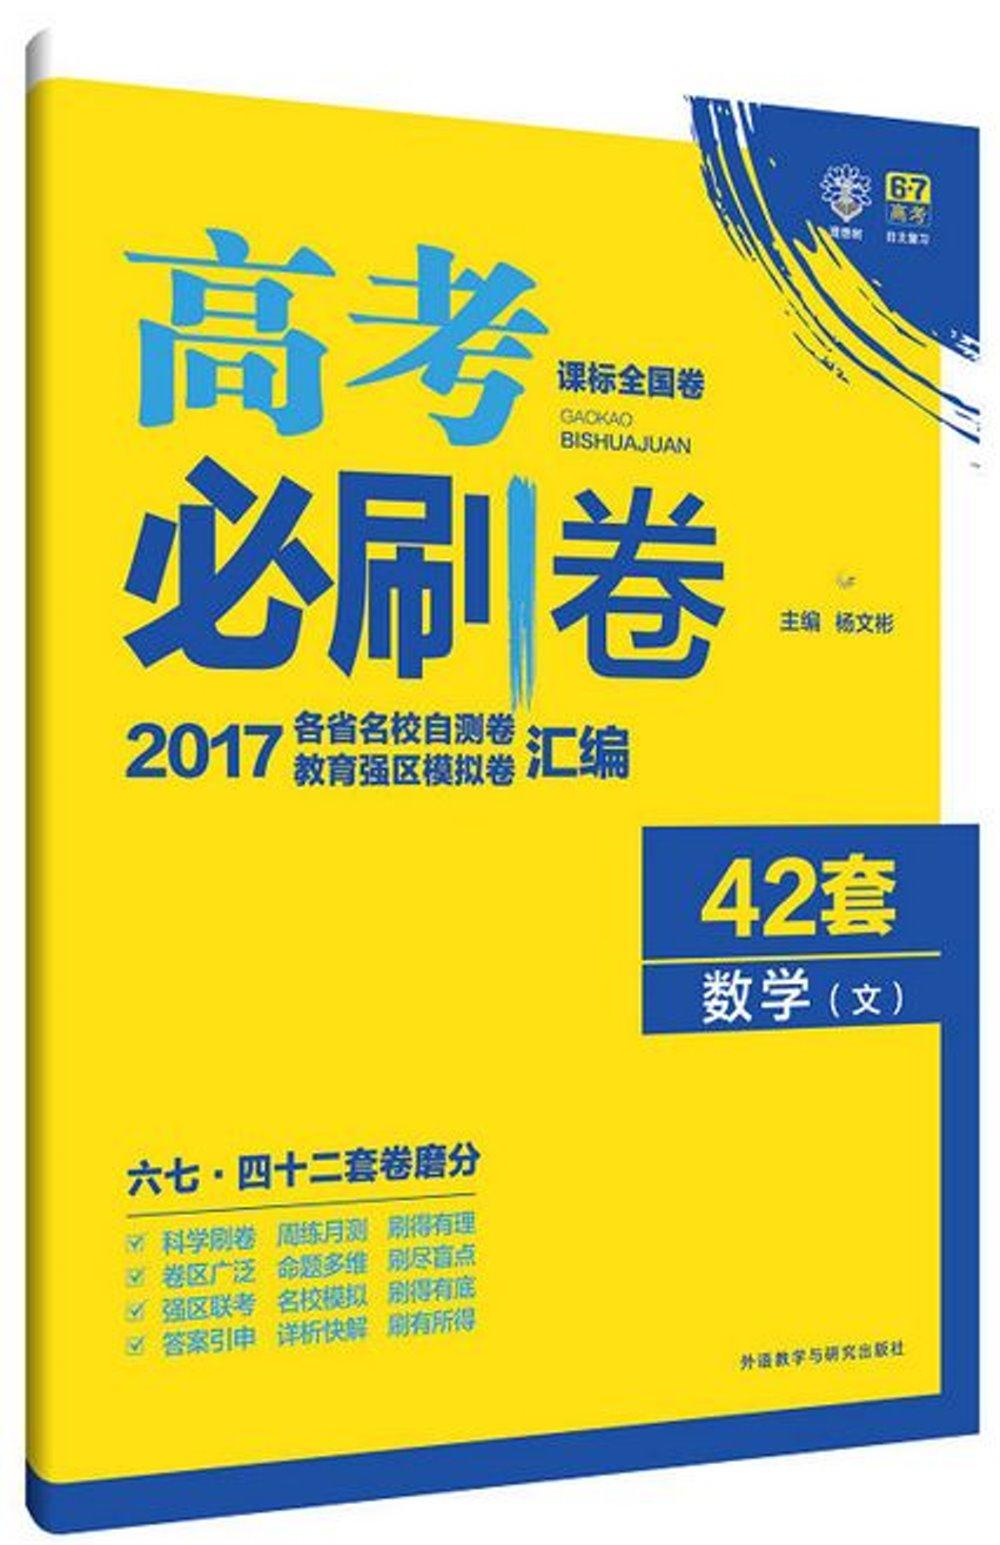 2017高考必刷卷42套:數學^(文)